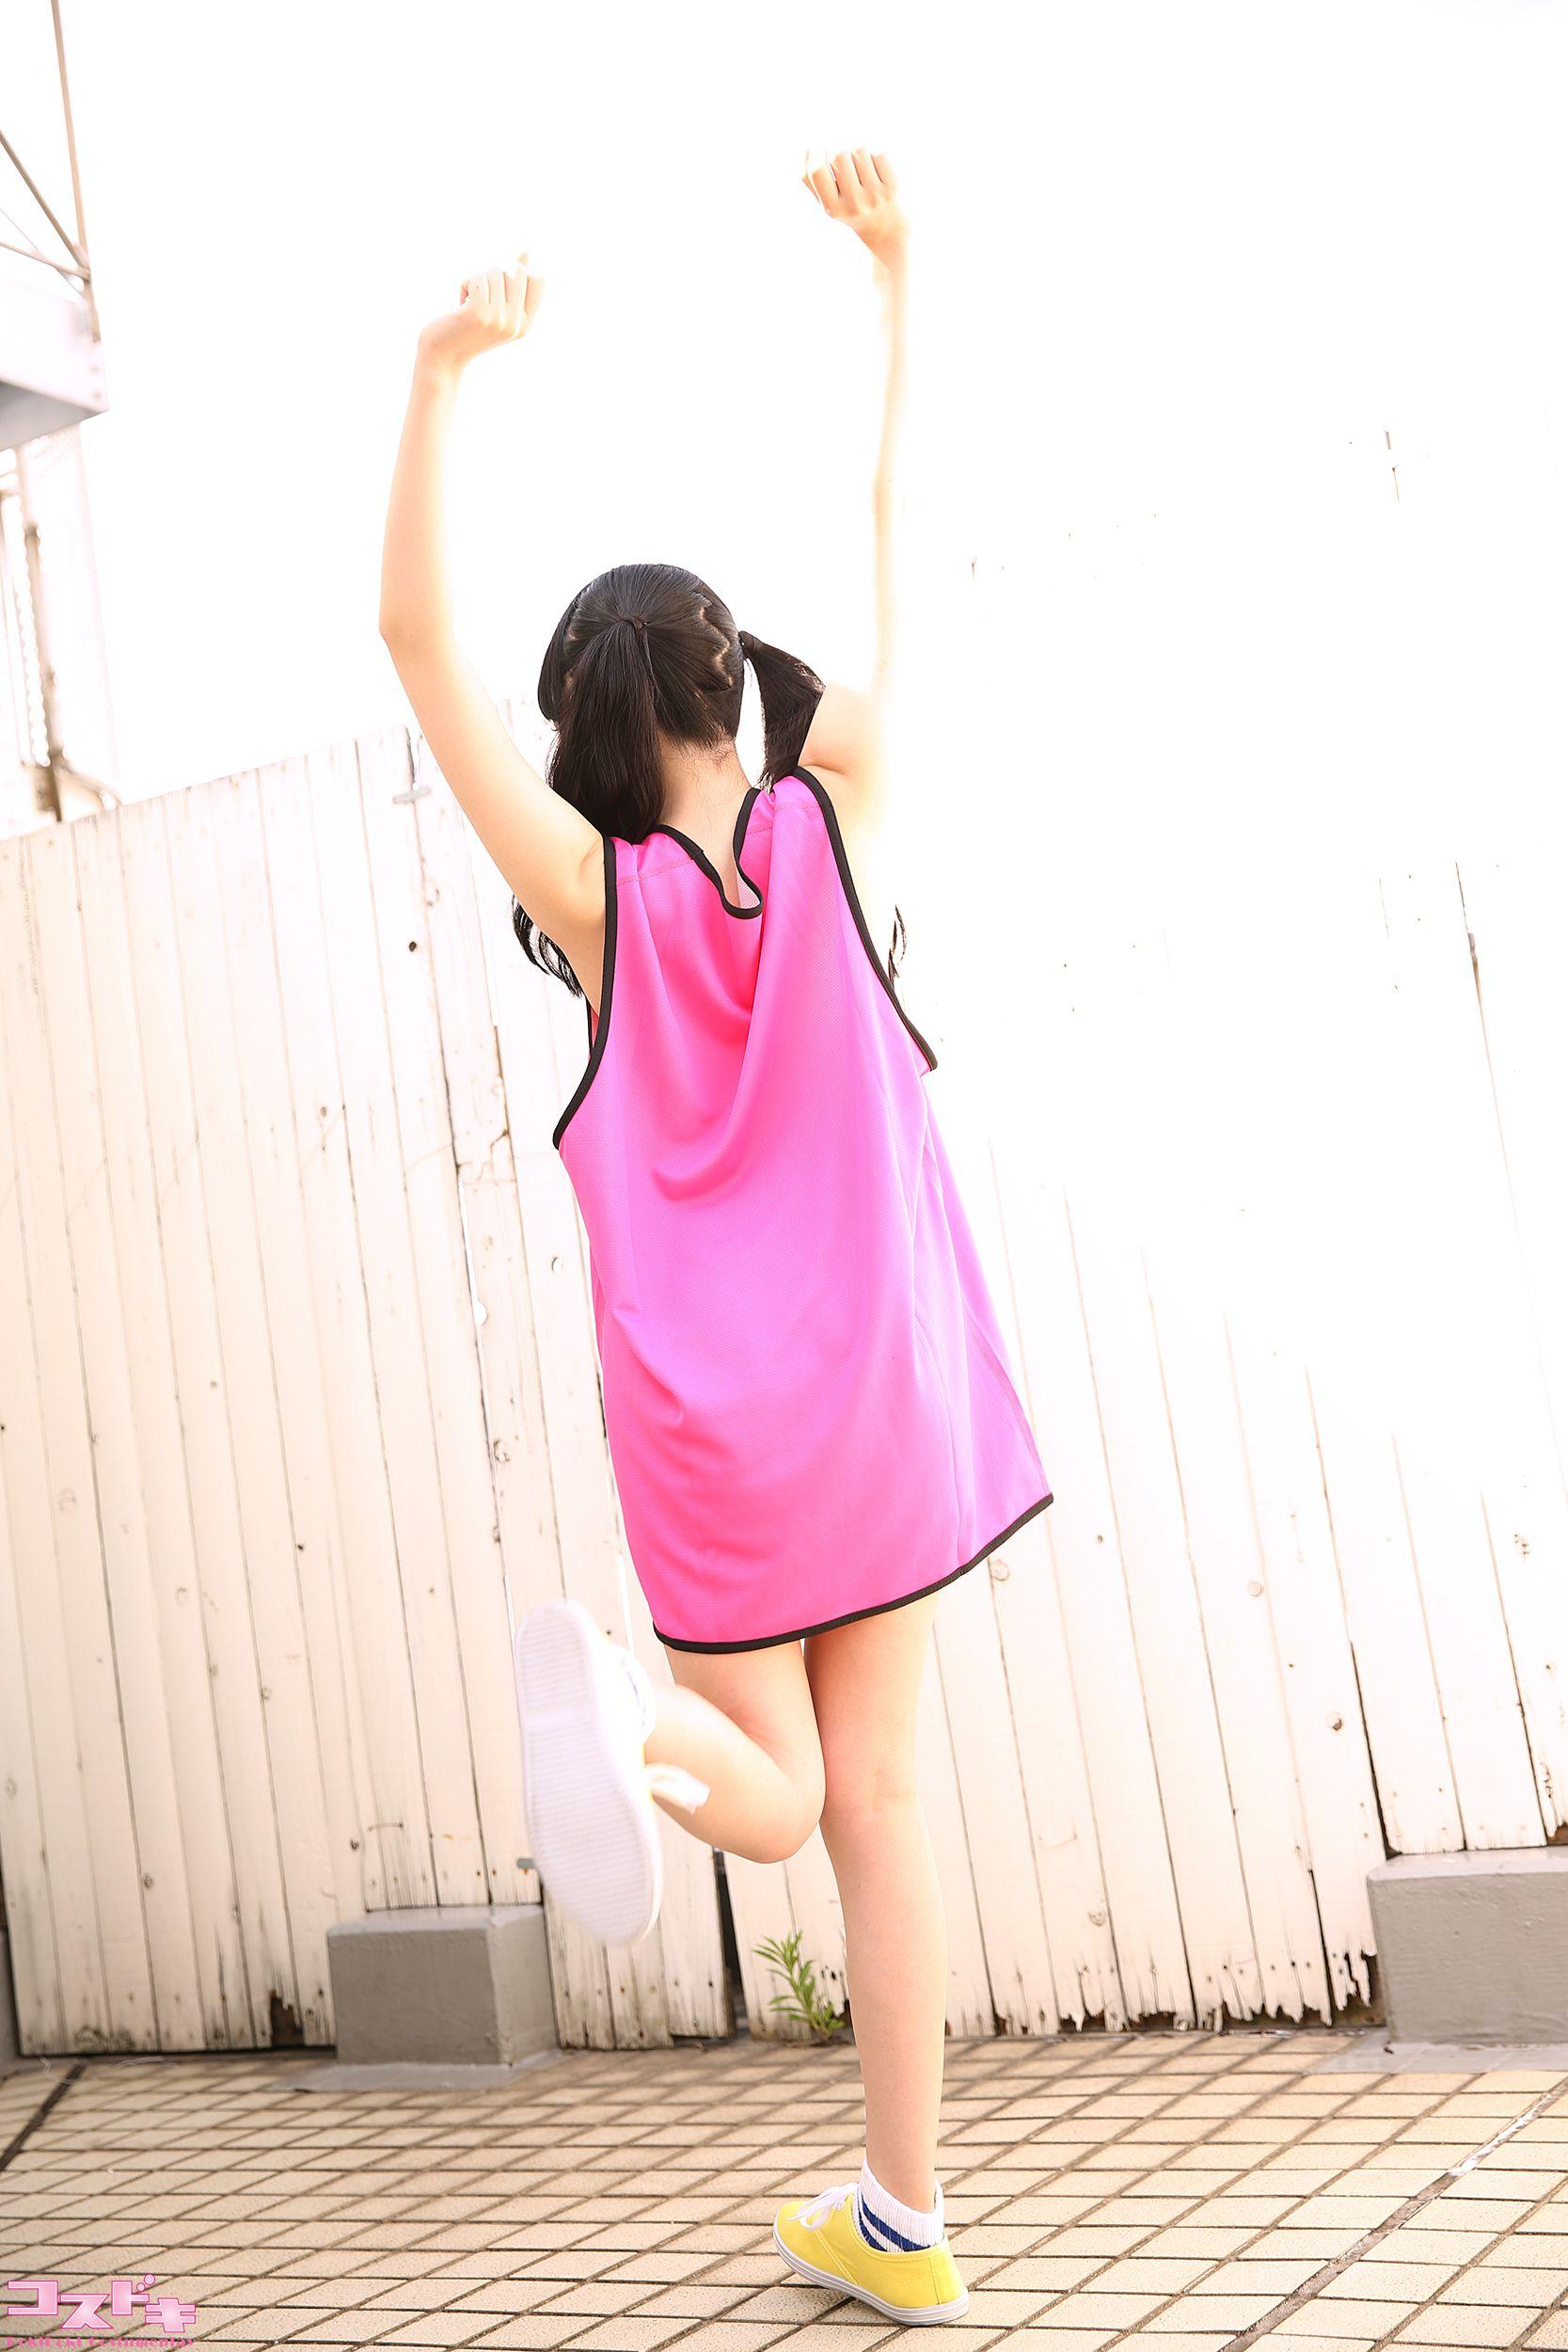 VOL.733 [Cosdoki]运动装:西野たえ(胡桃多惠胡桃たえ)超高清写真套图(50P)